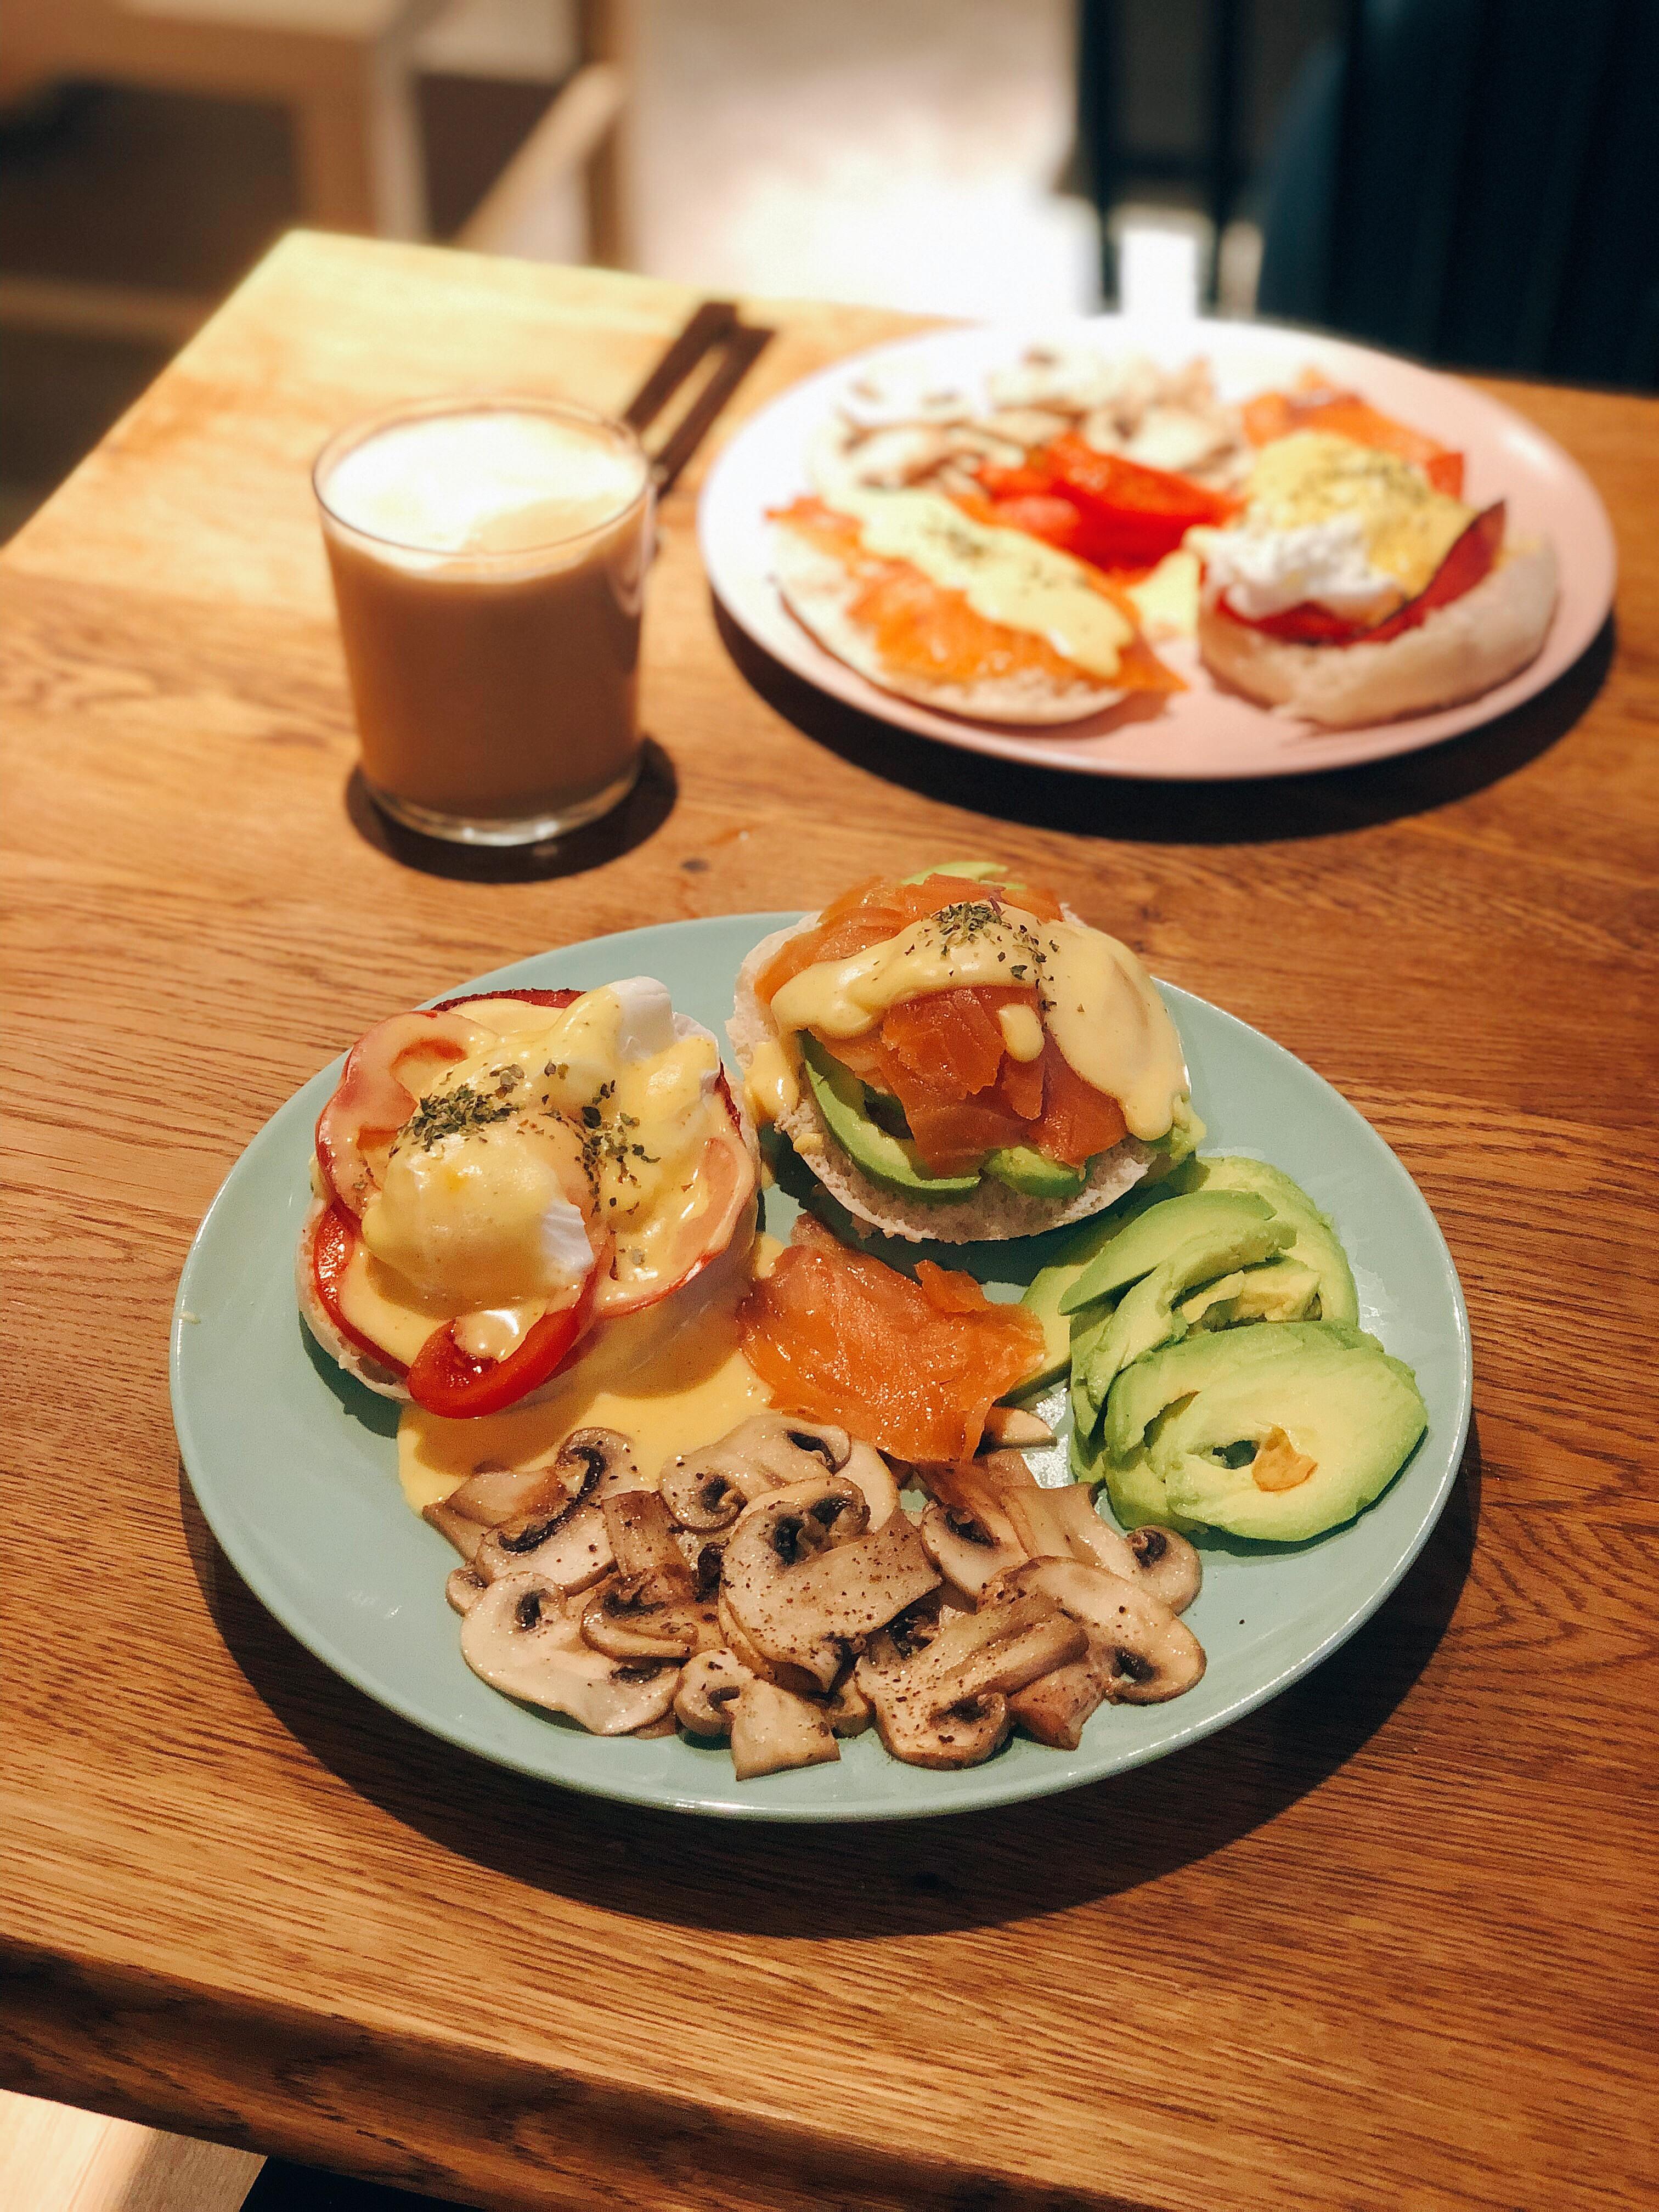 完美早餐『班乃迪克蛋』